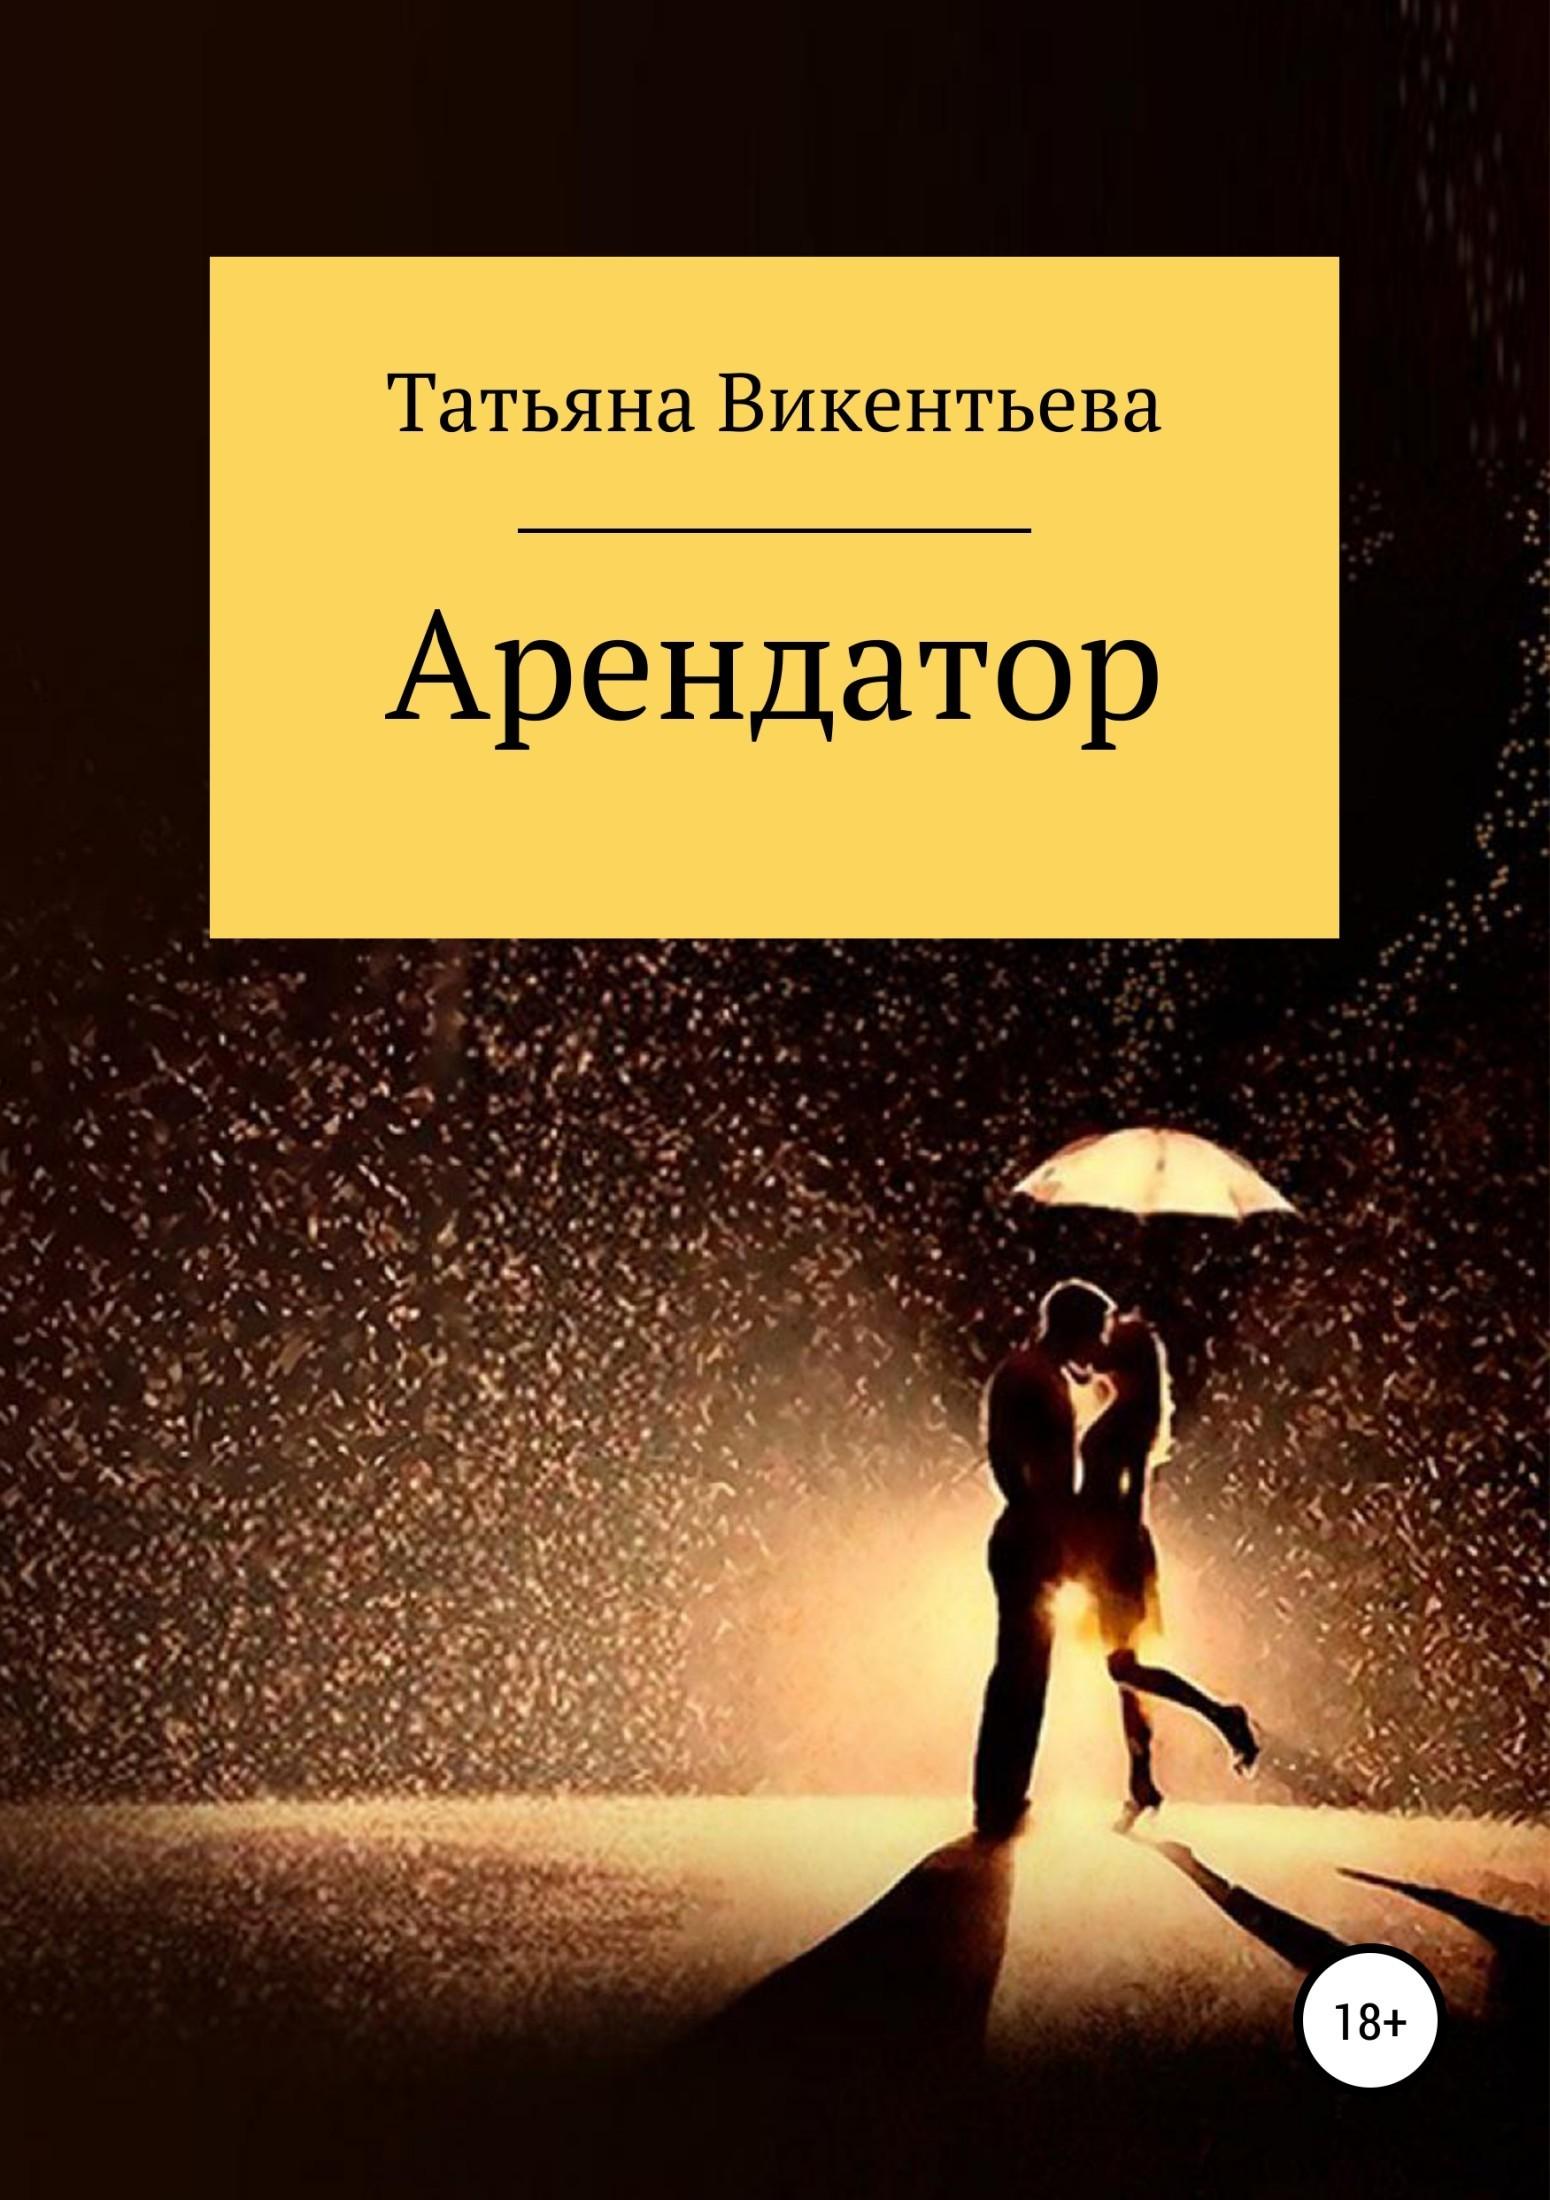 цена на Татьяна Трофимовна Викентьева Арендатор